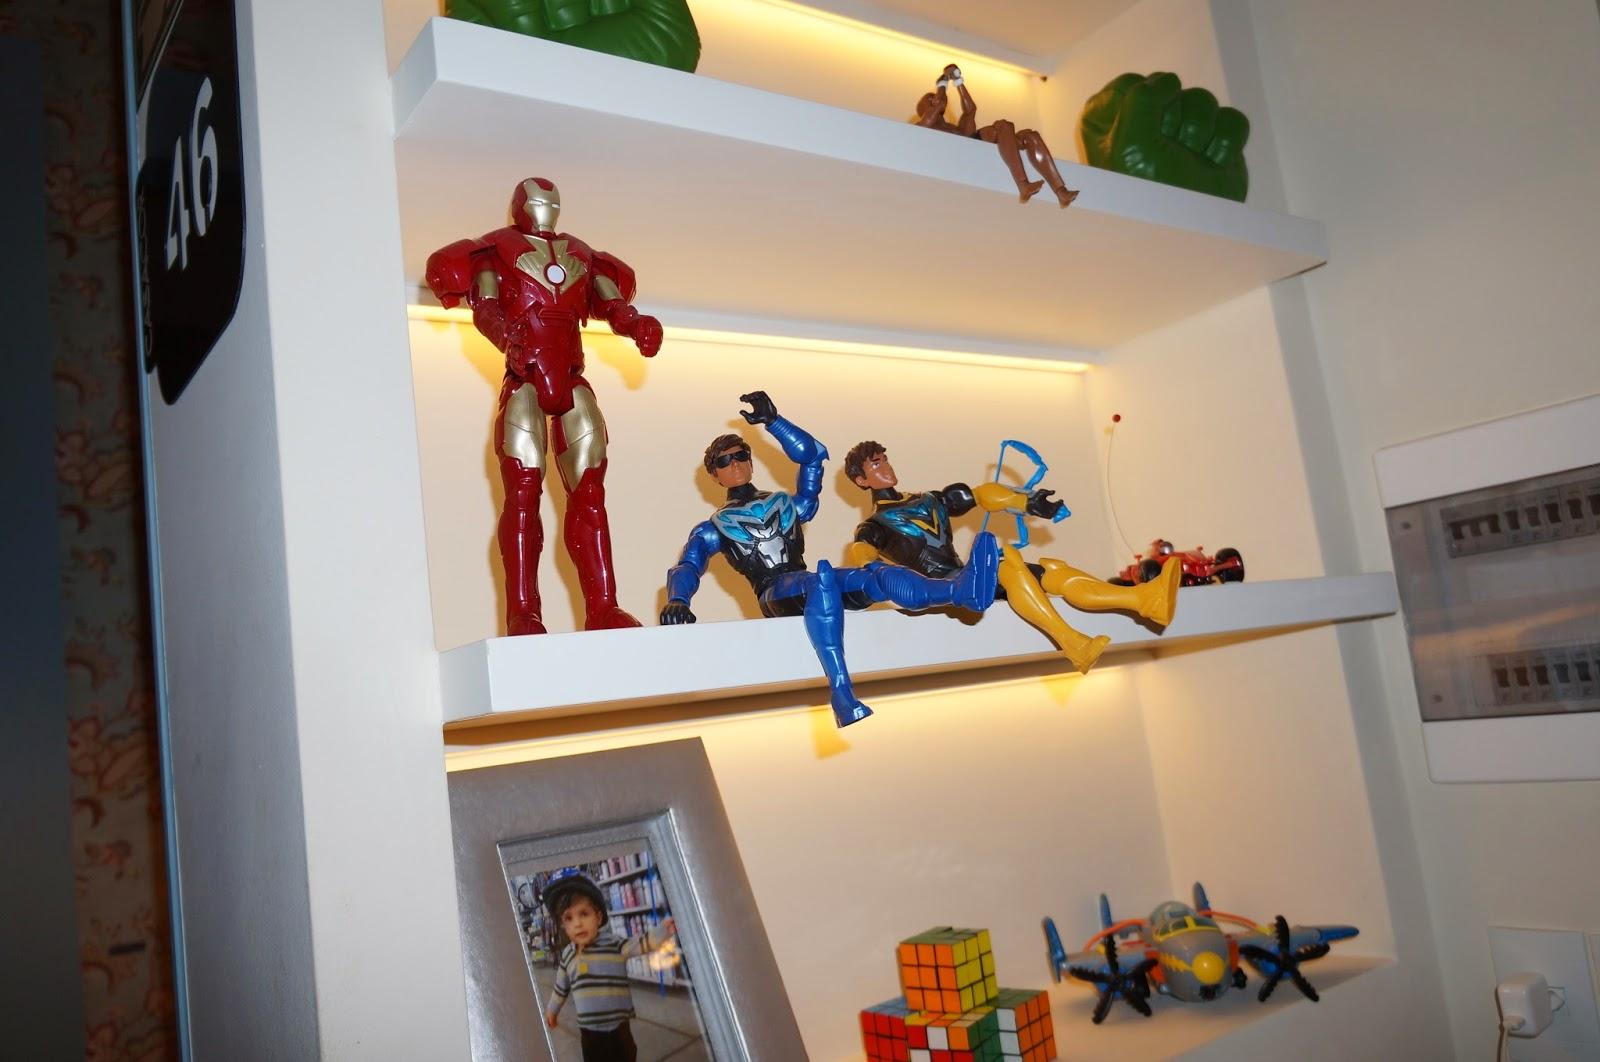 ambiente quarto do menino - Denise Monteiro - fitas de LED na estante - Casa Cor SP 2014